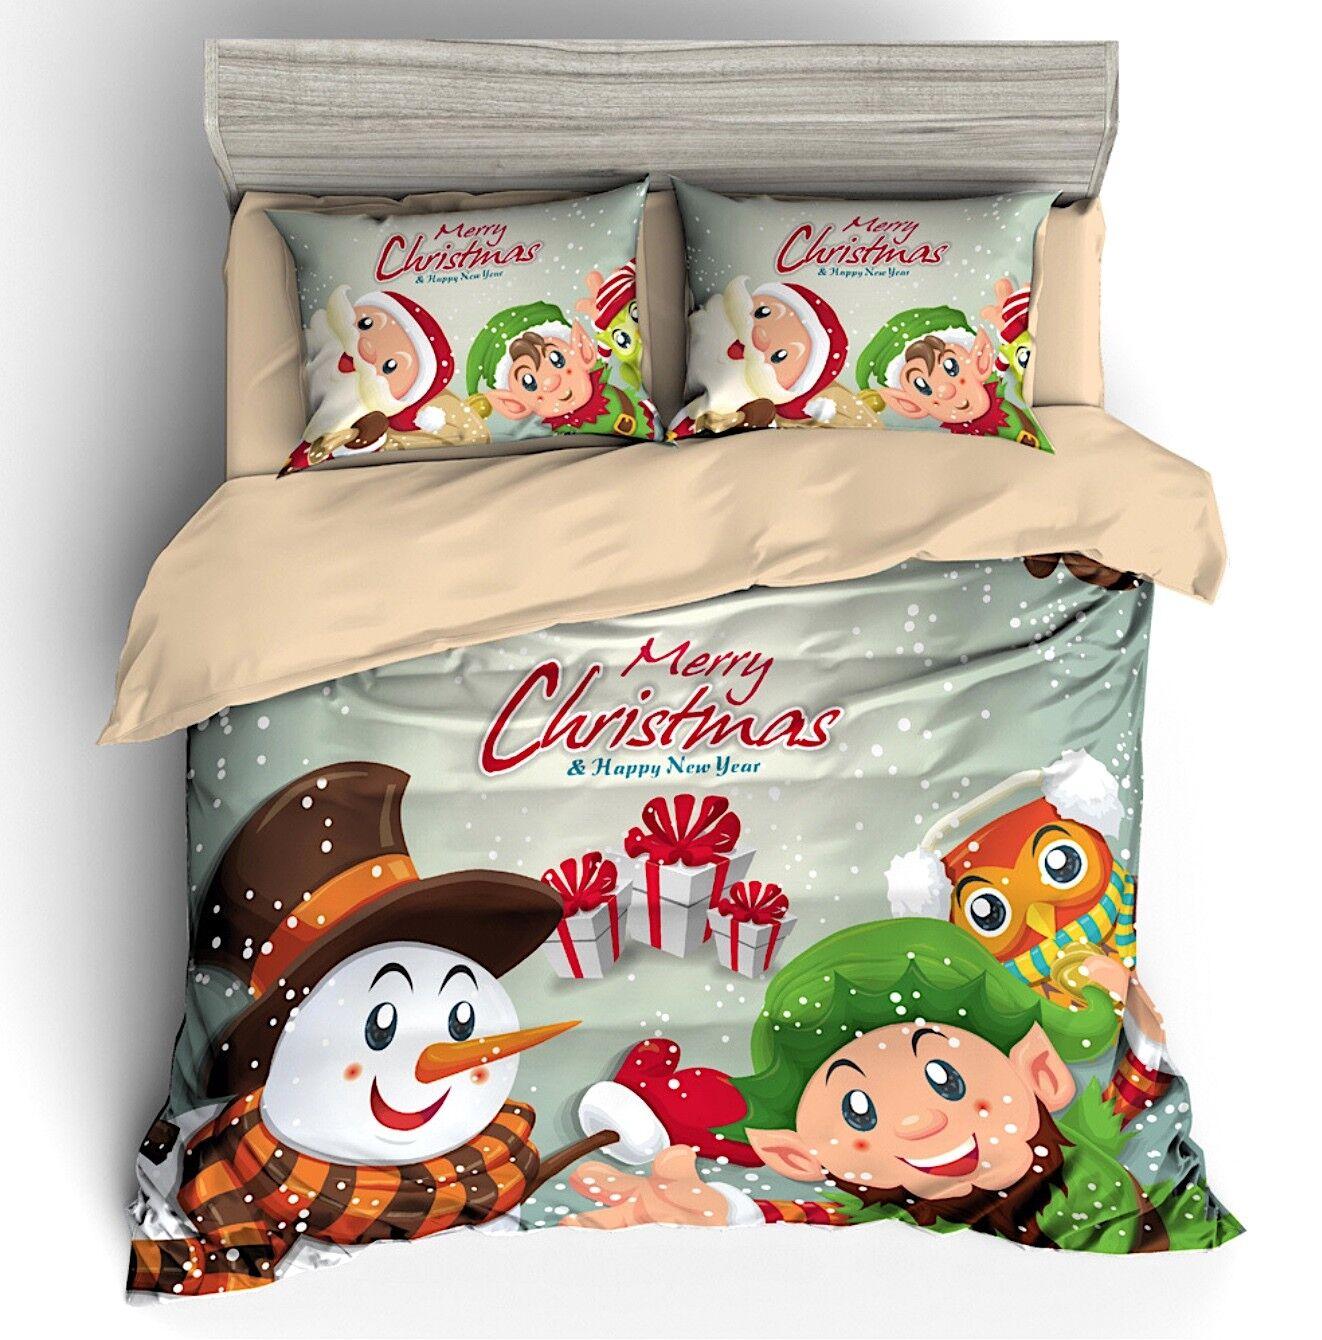 Natale Regalo Set Letto Copri Piumone Federe Copripiumone Duvet Cover BED0089